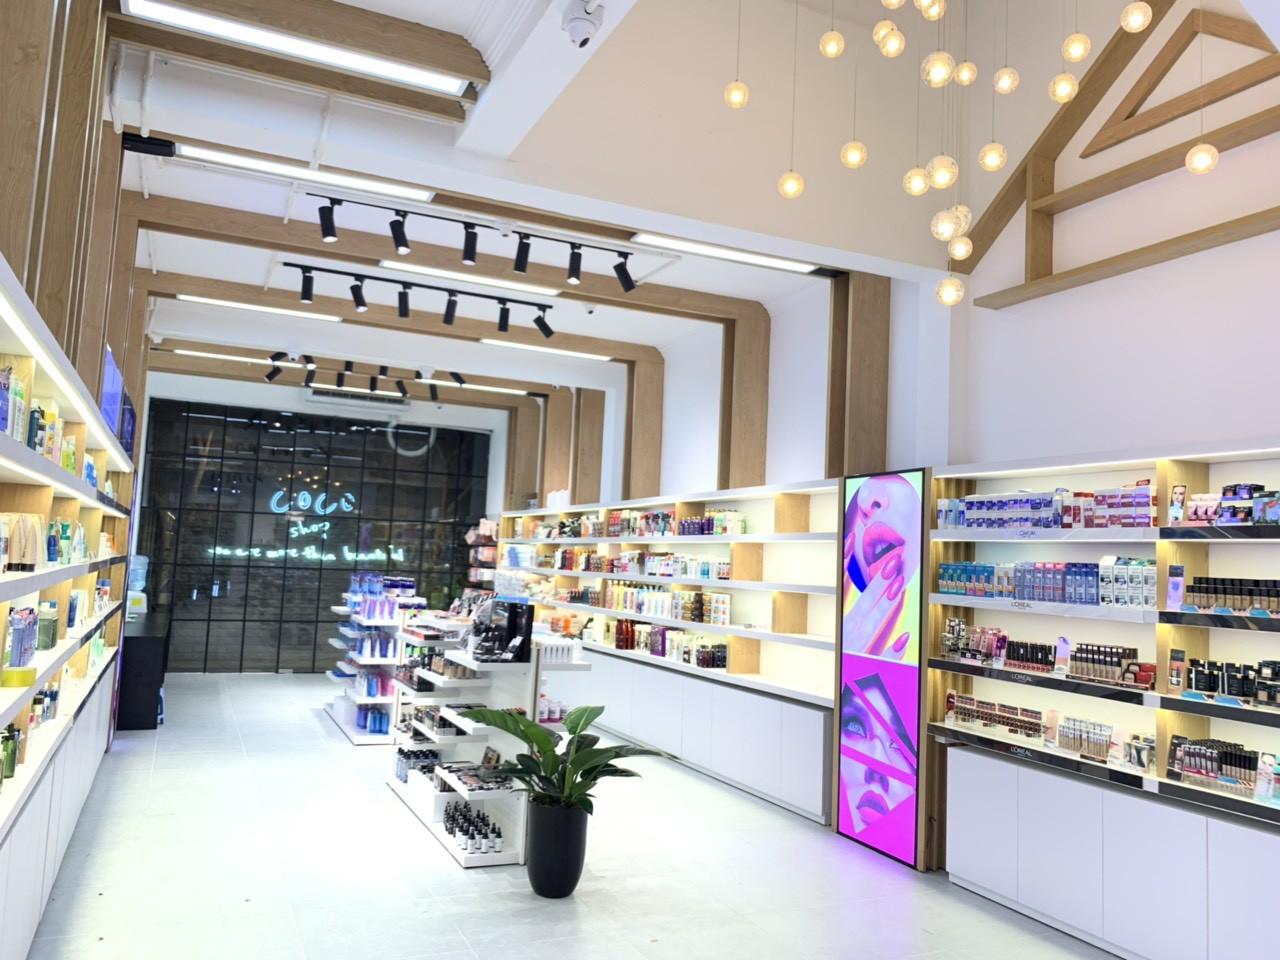 Phát sốt với Coco Shop 258 Bà Triệu – Thiên đường mỹ phẩm chính hãng tại Việt Nam, bật mí chương trình tặng son Tom Ford miễn phí - Ảnh 4.